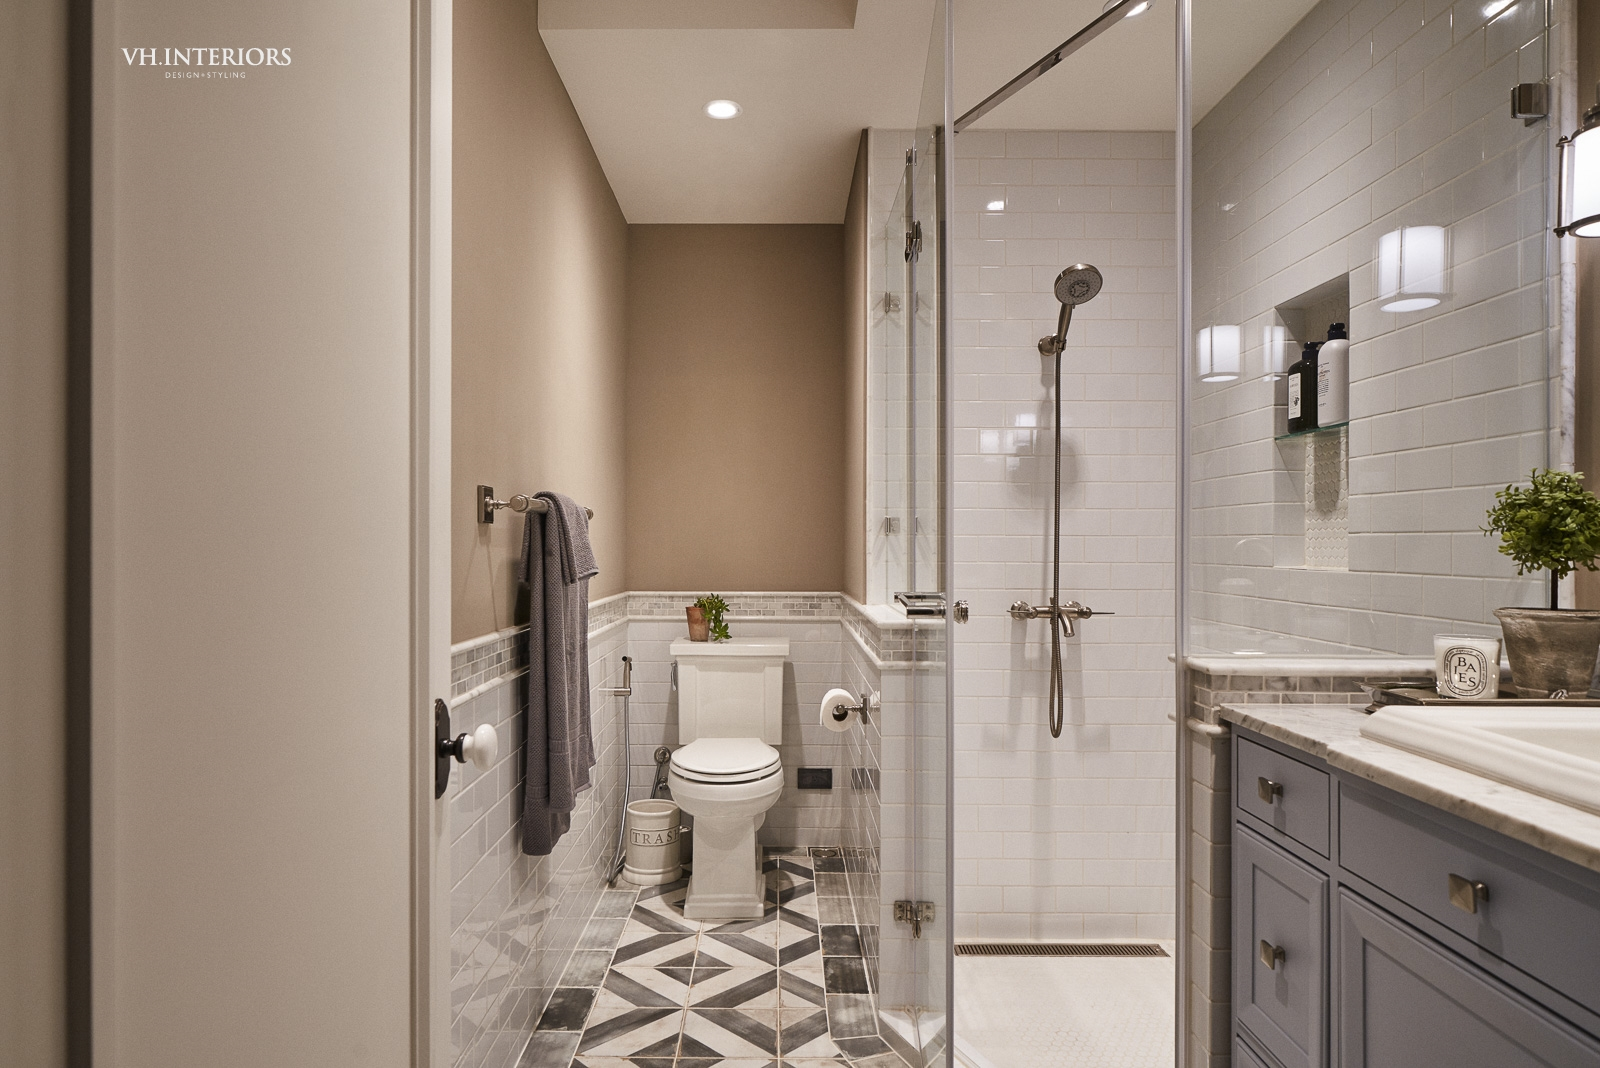 VH_ApartmentWithDog-676.jpg